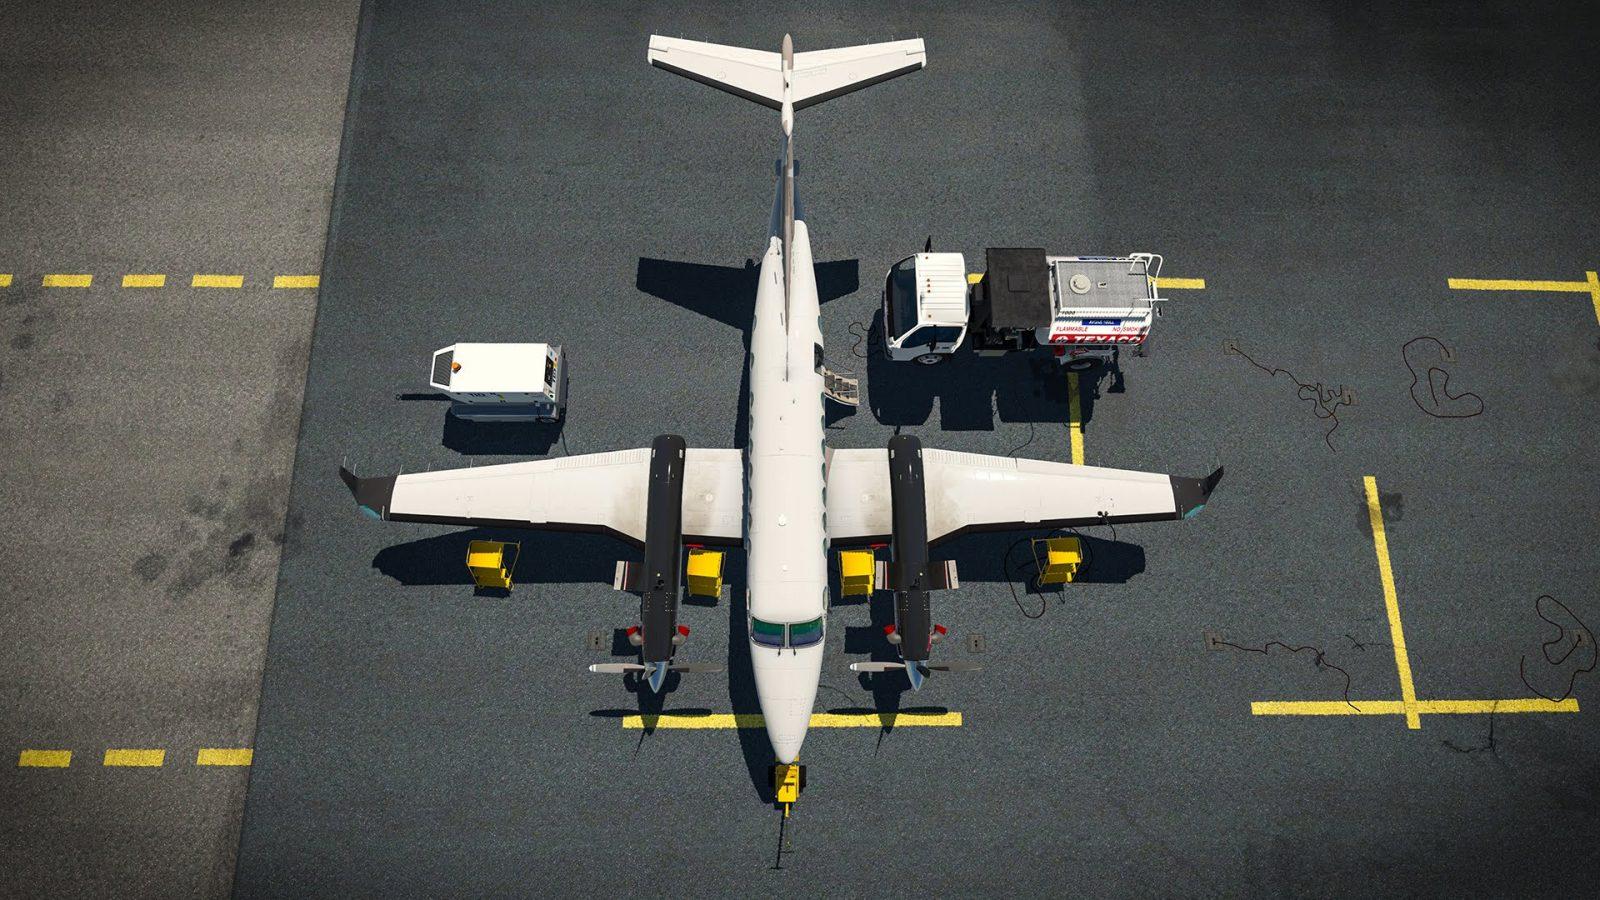 airfoillabs-king-air-350-15-1600x900.jpg